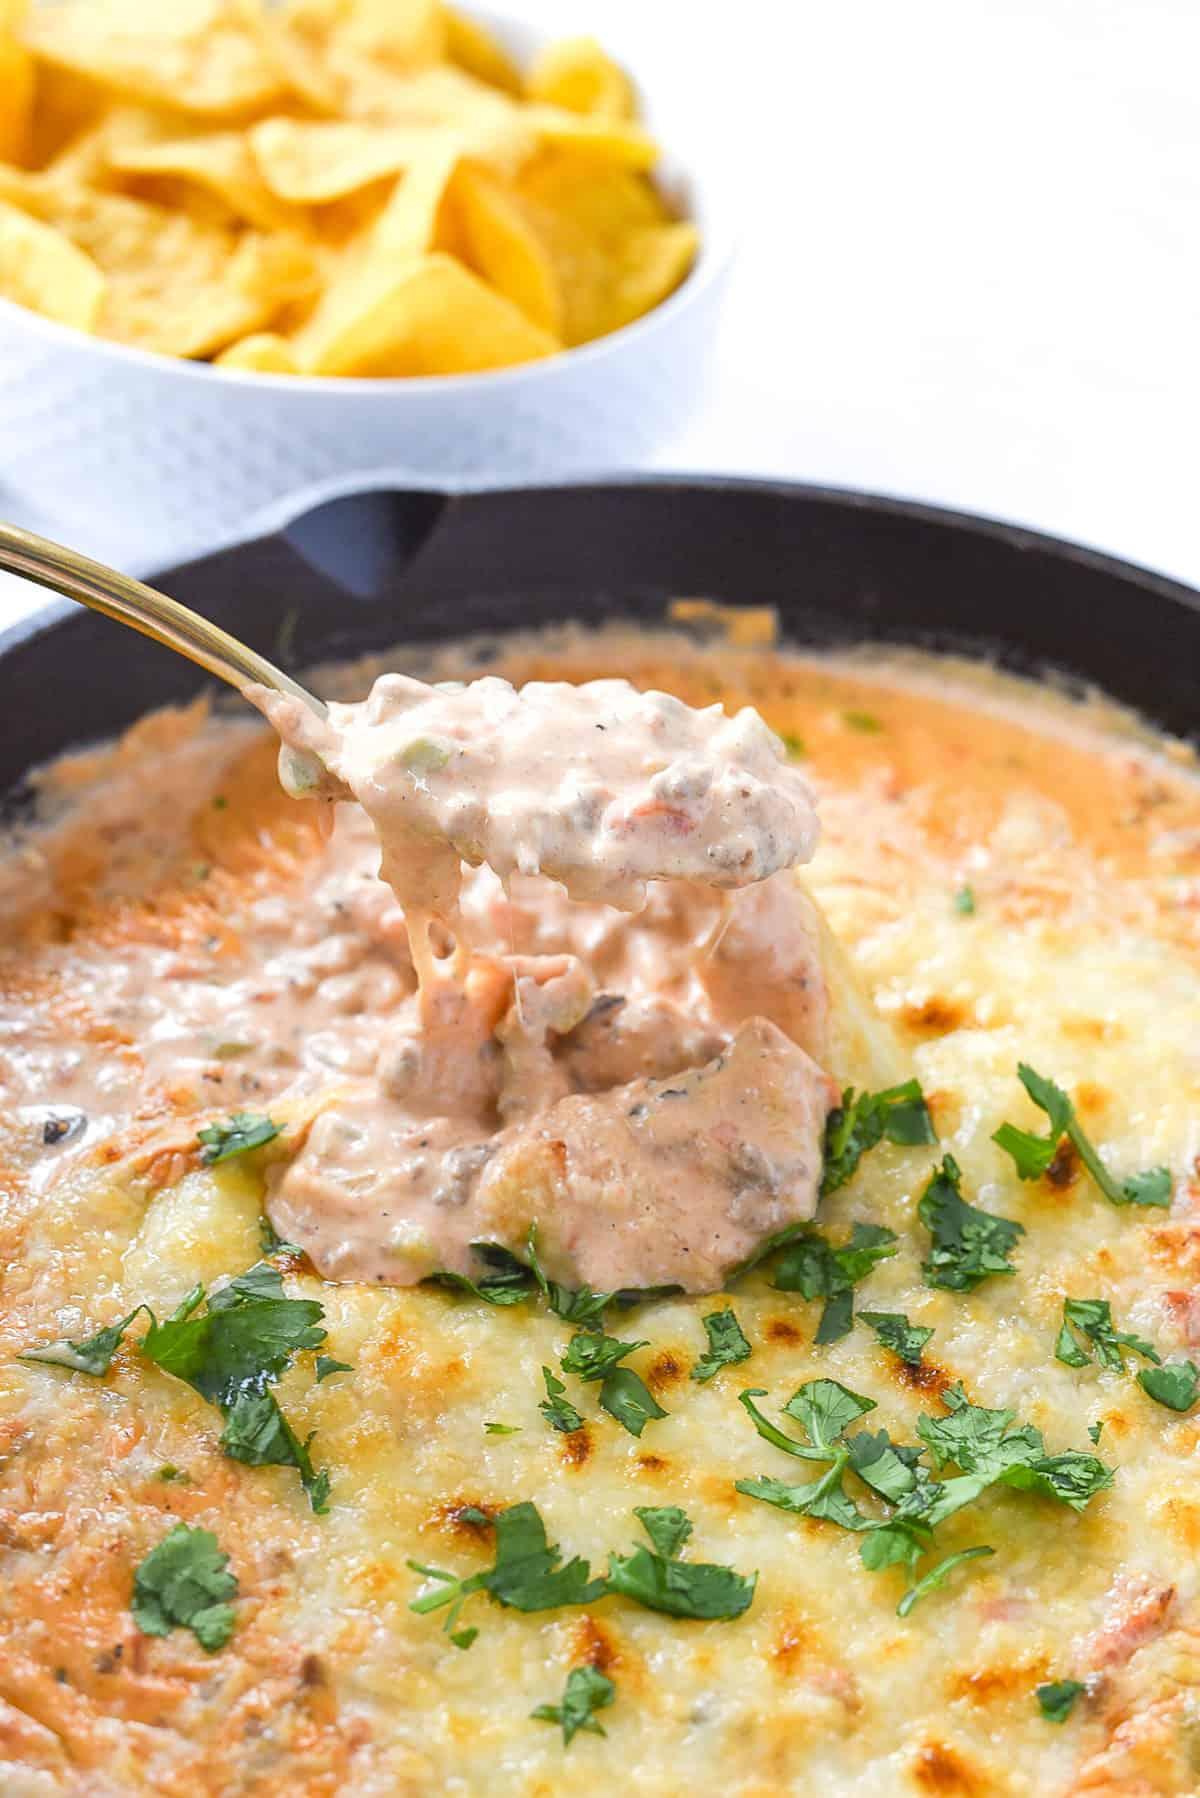 spoonful of chili con queso dip